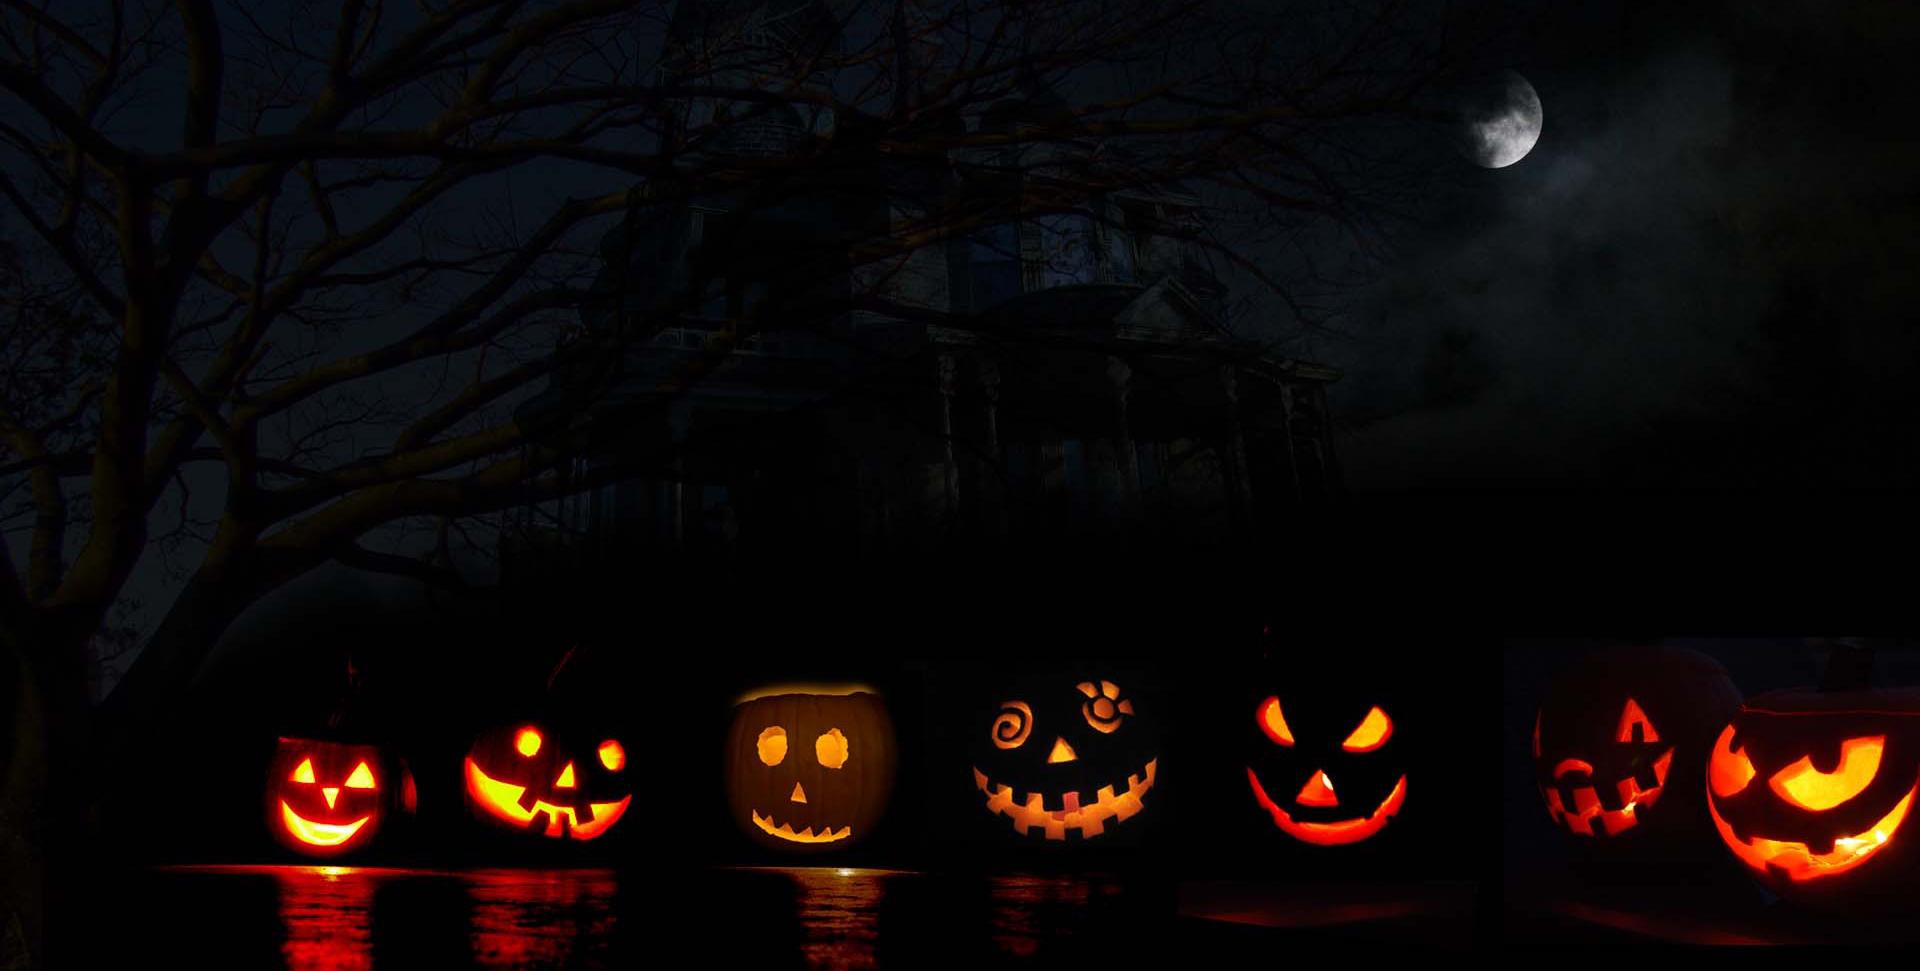 Des citrouilles d'halloween alignées